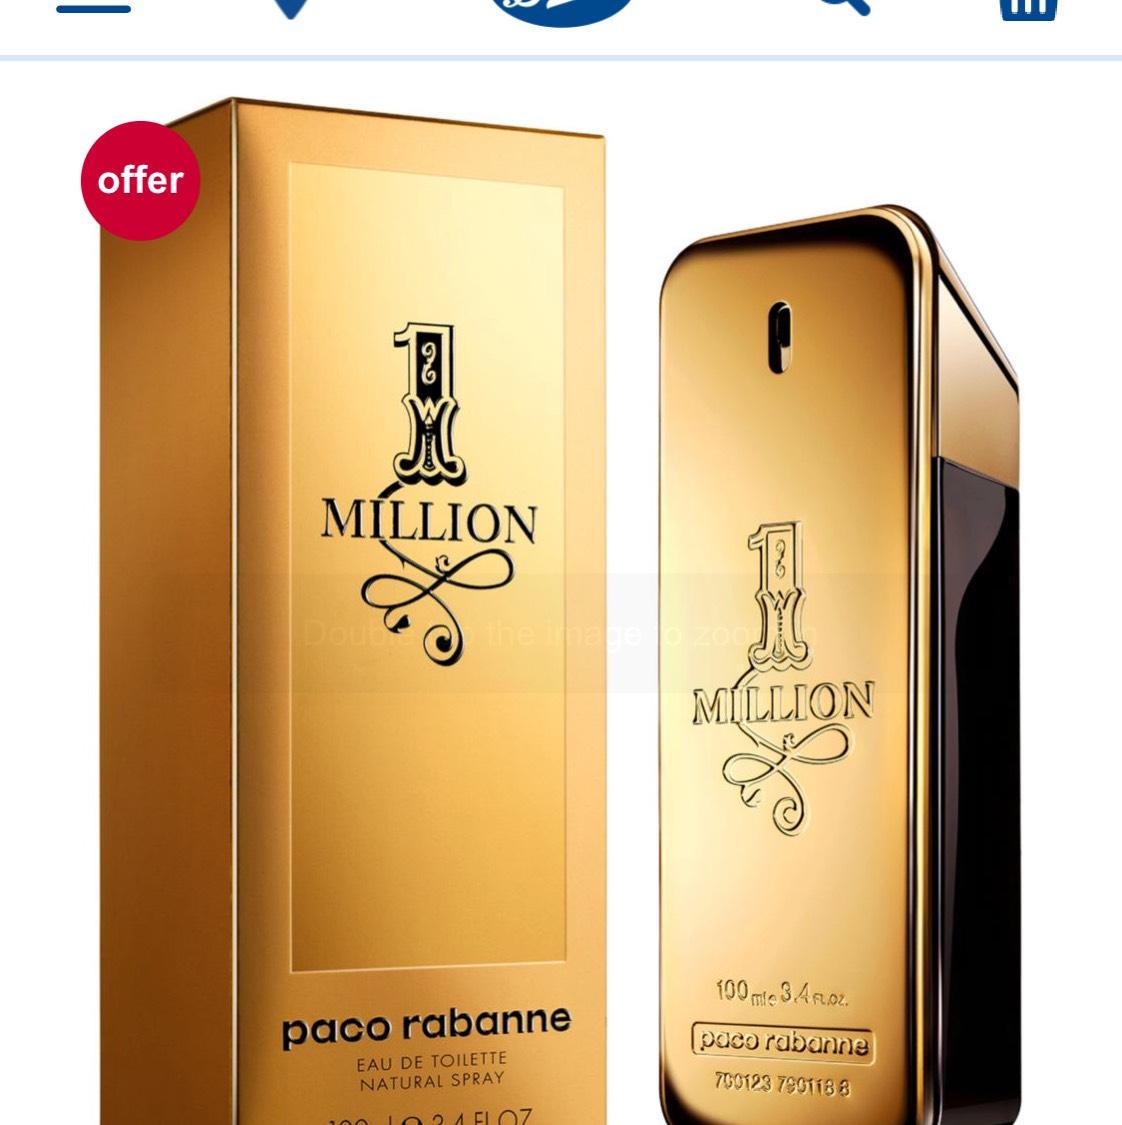 Paco Rabanne 1 Million For Men Eau de Toilette 100ml, free c&c from store £44.50 @ Boots